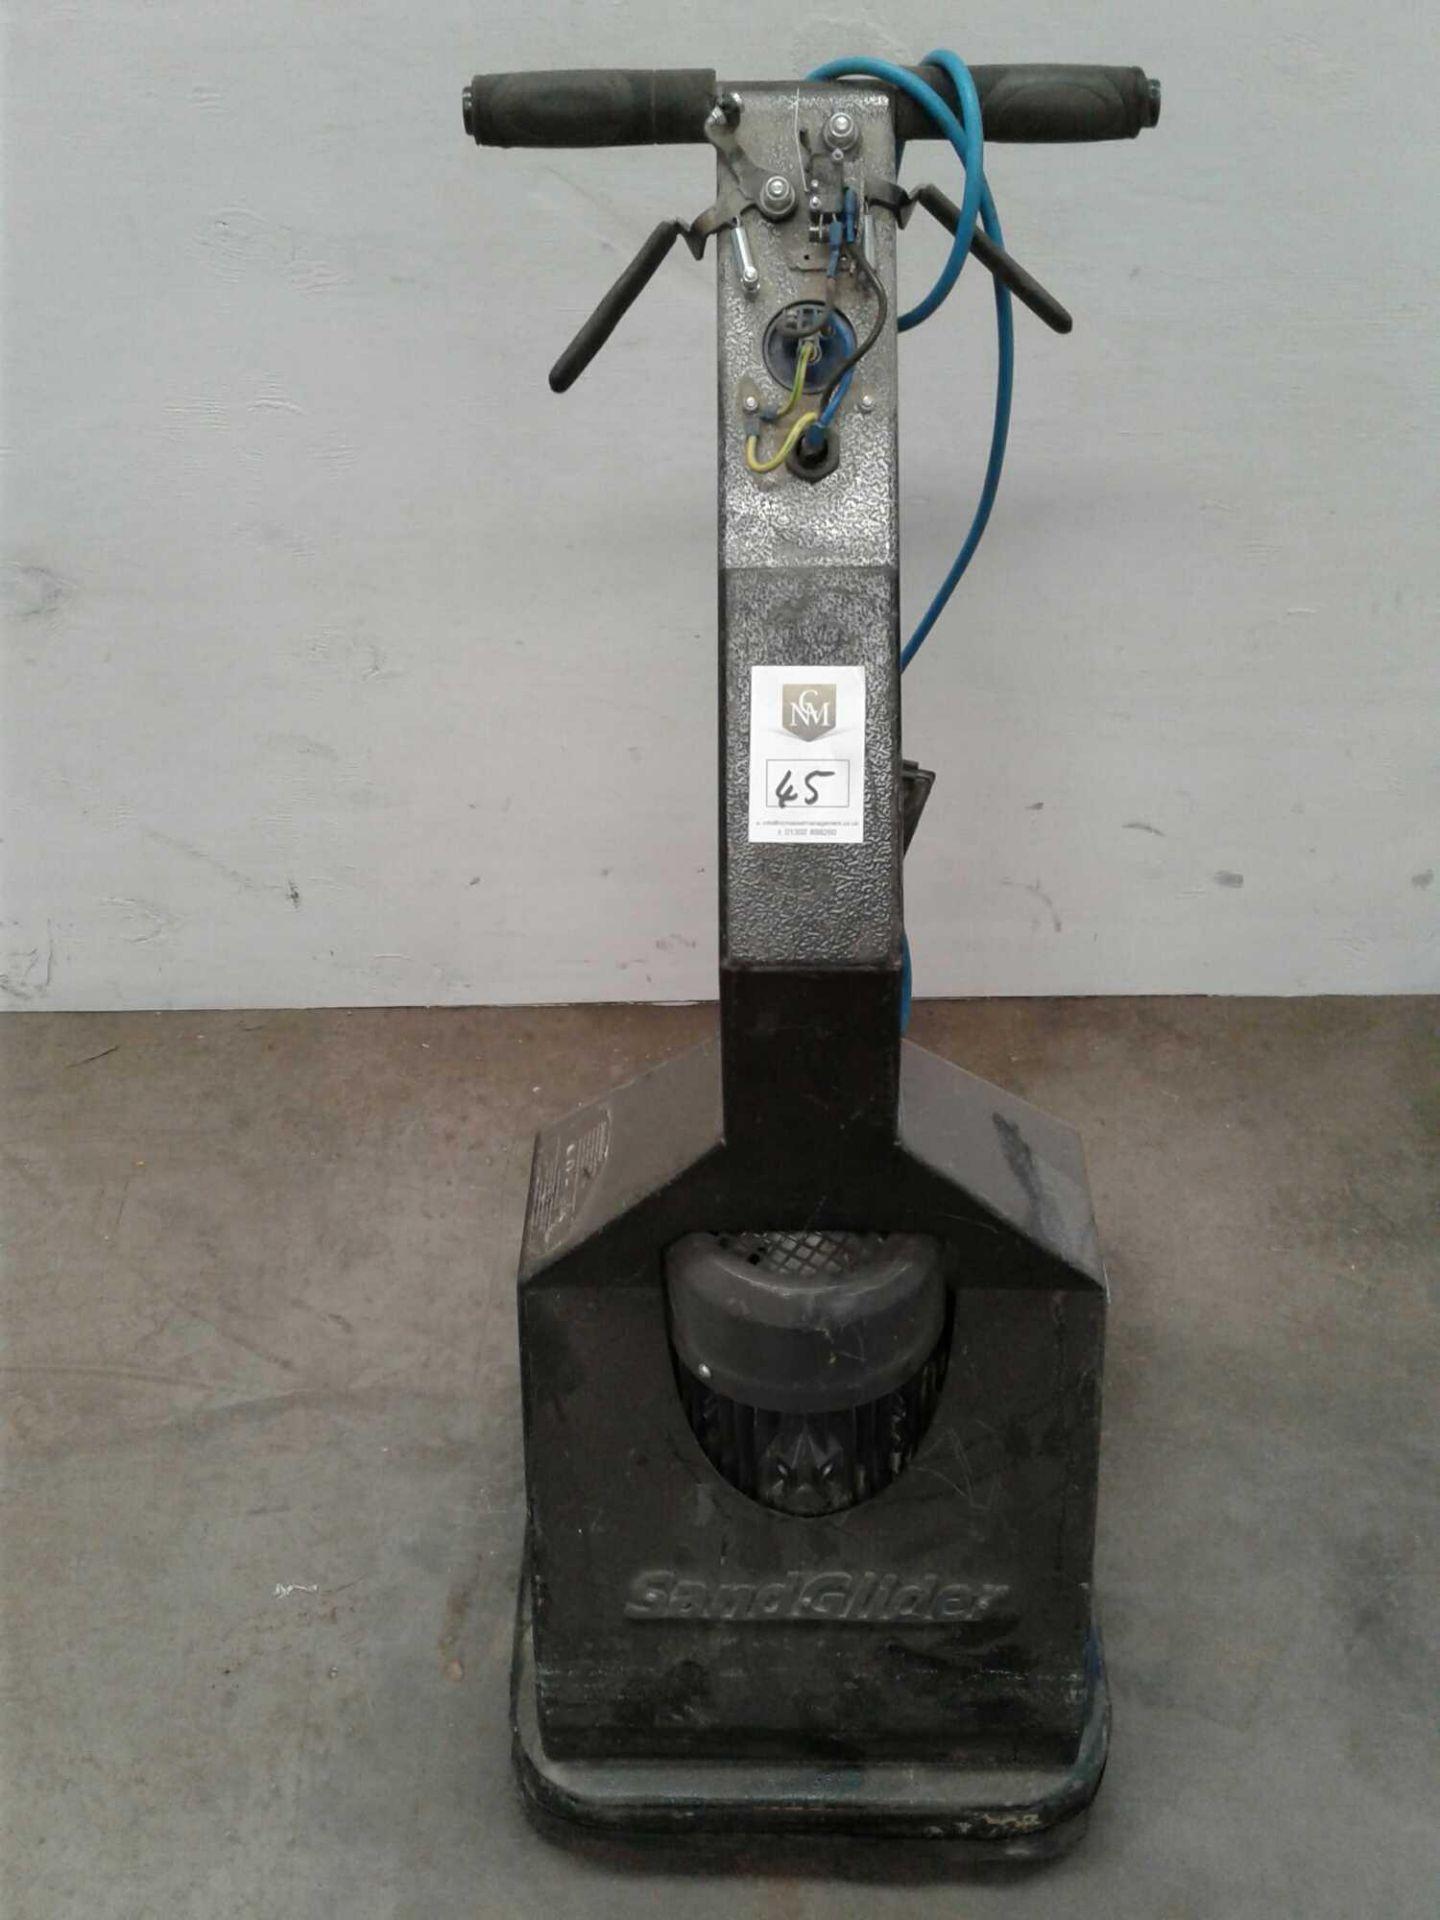 Lot 45 - Sand glider floor grinder sander 230v